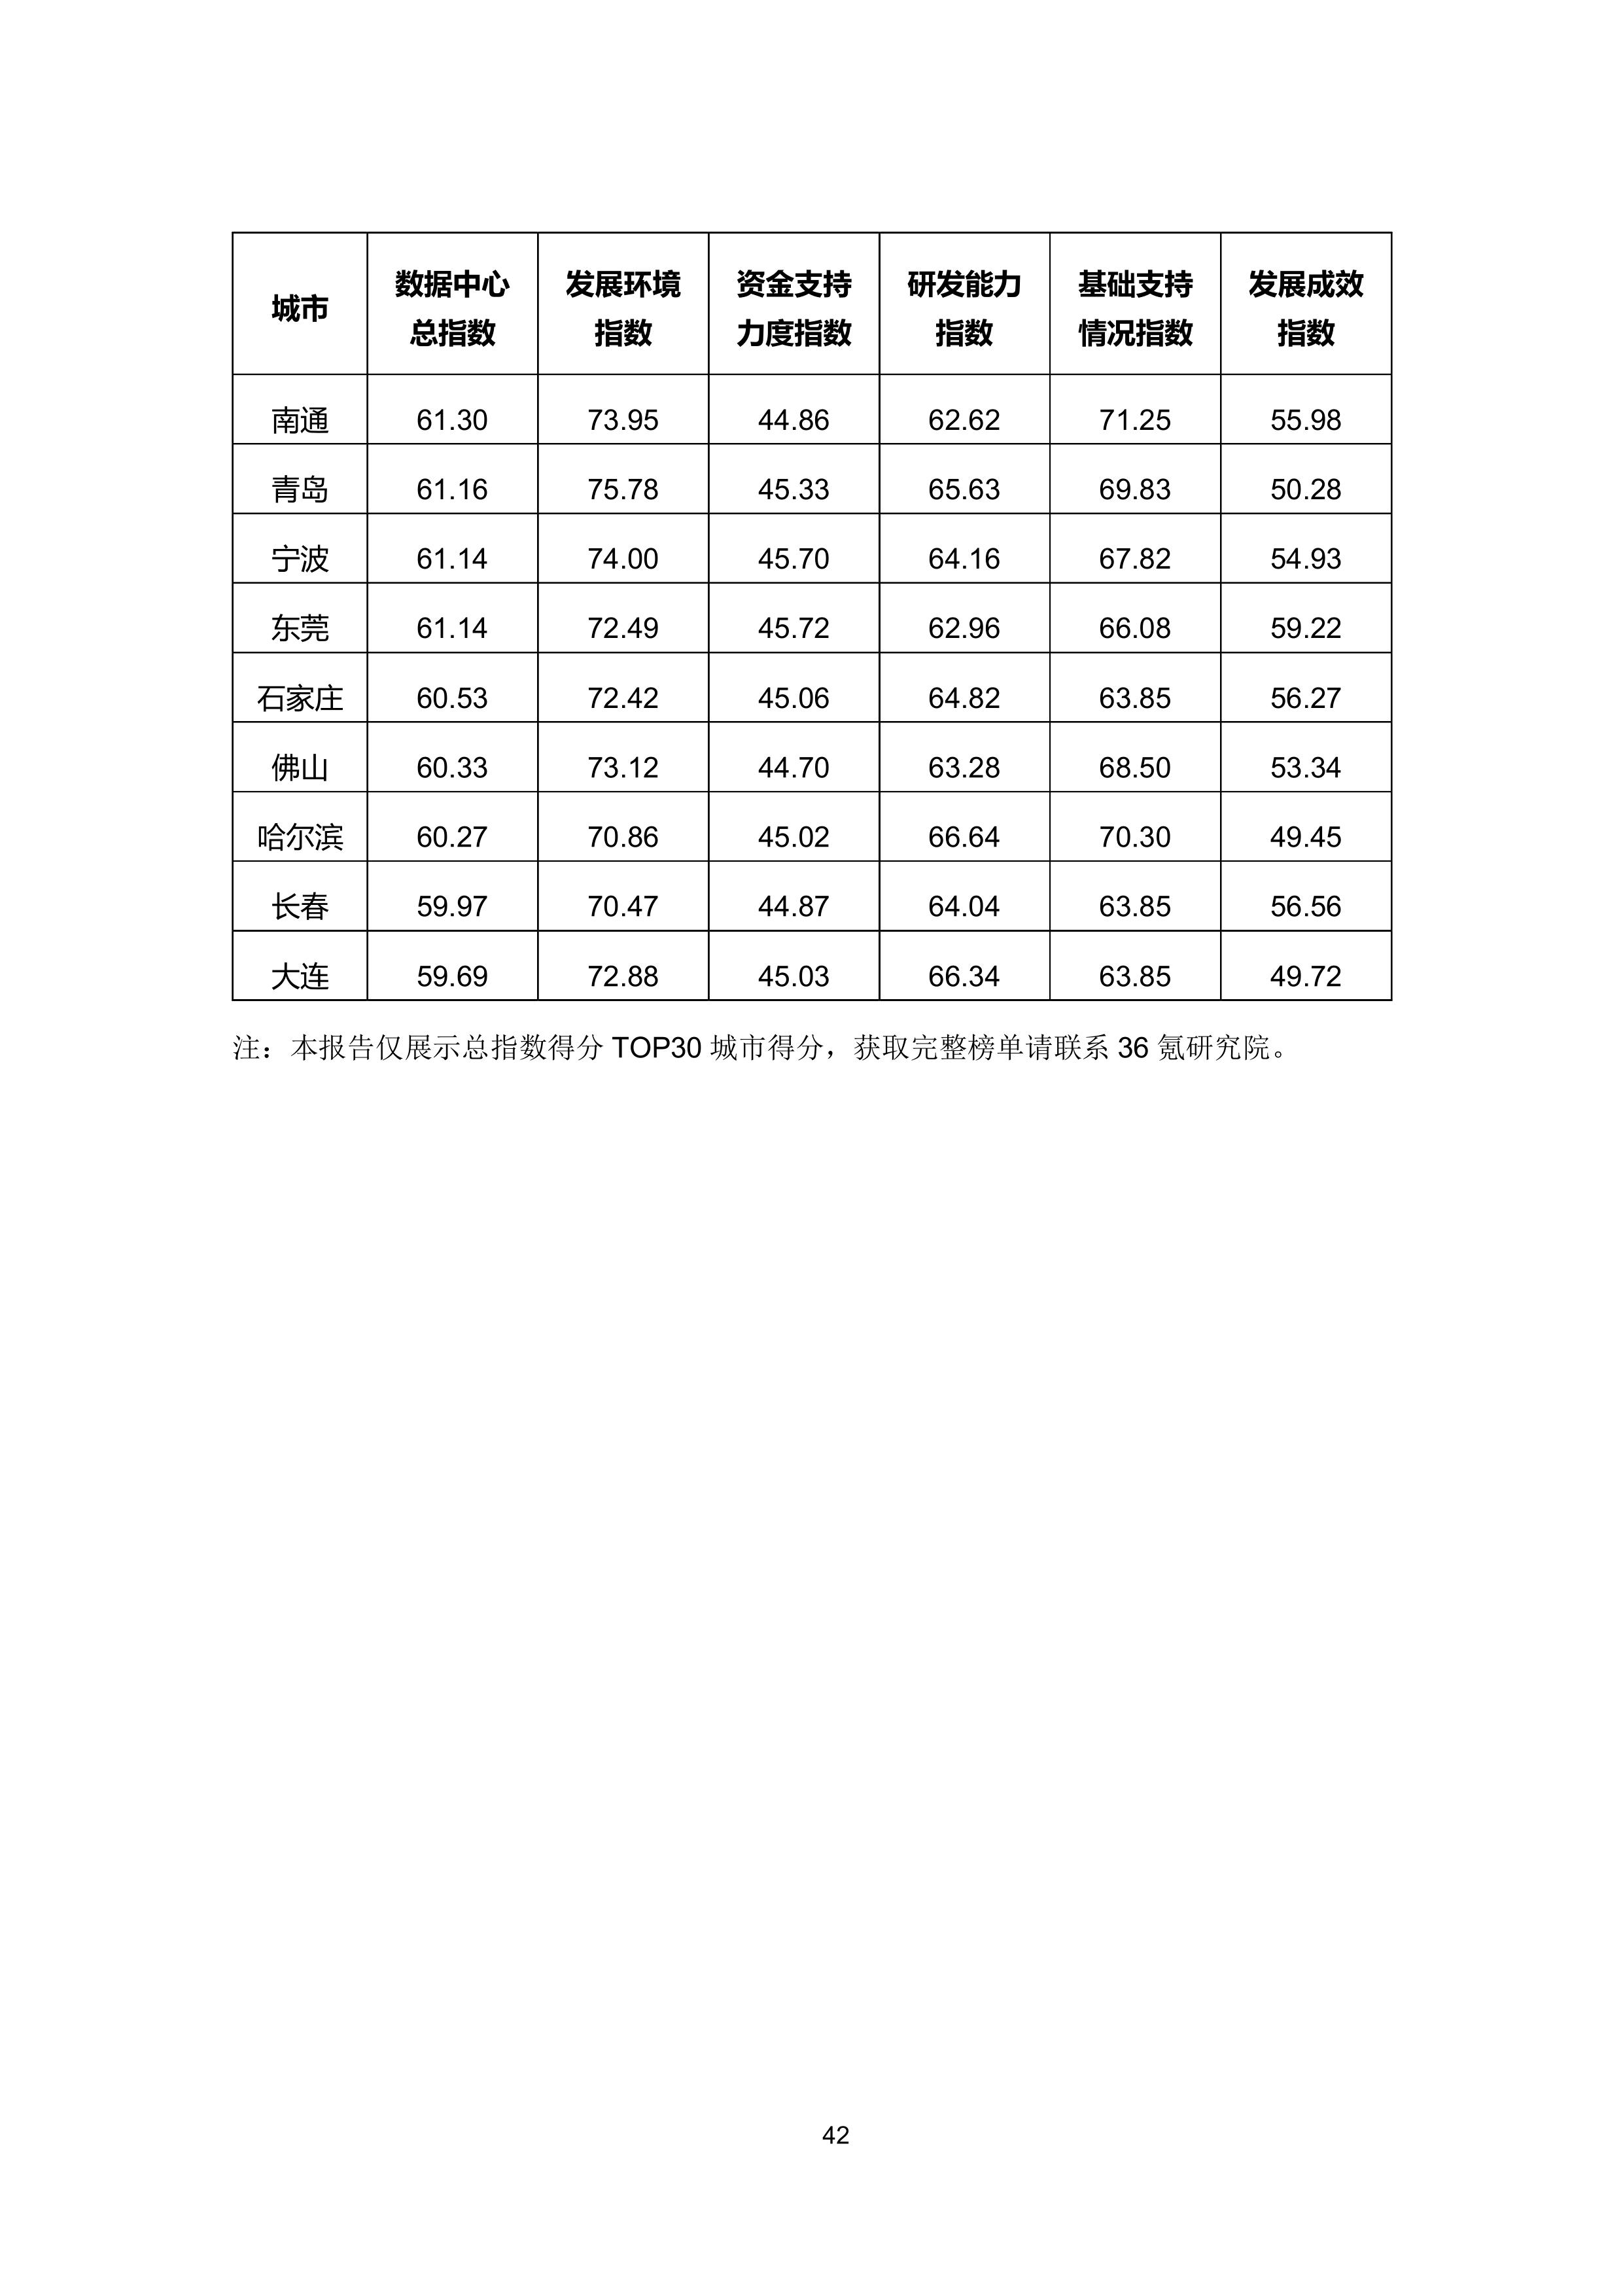 36氪研究院 - 新基建系列之:2020年中国城市数据中心发展指数报告-大菠萝官网(图53)